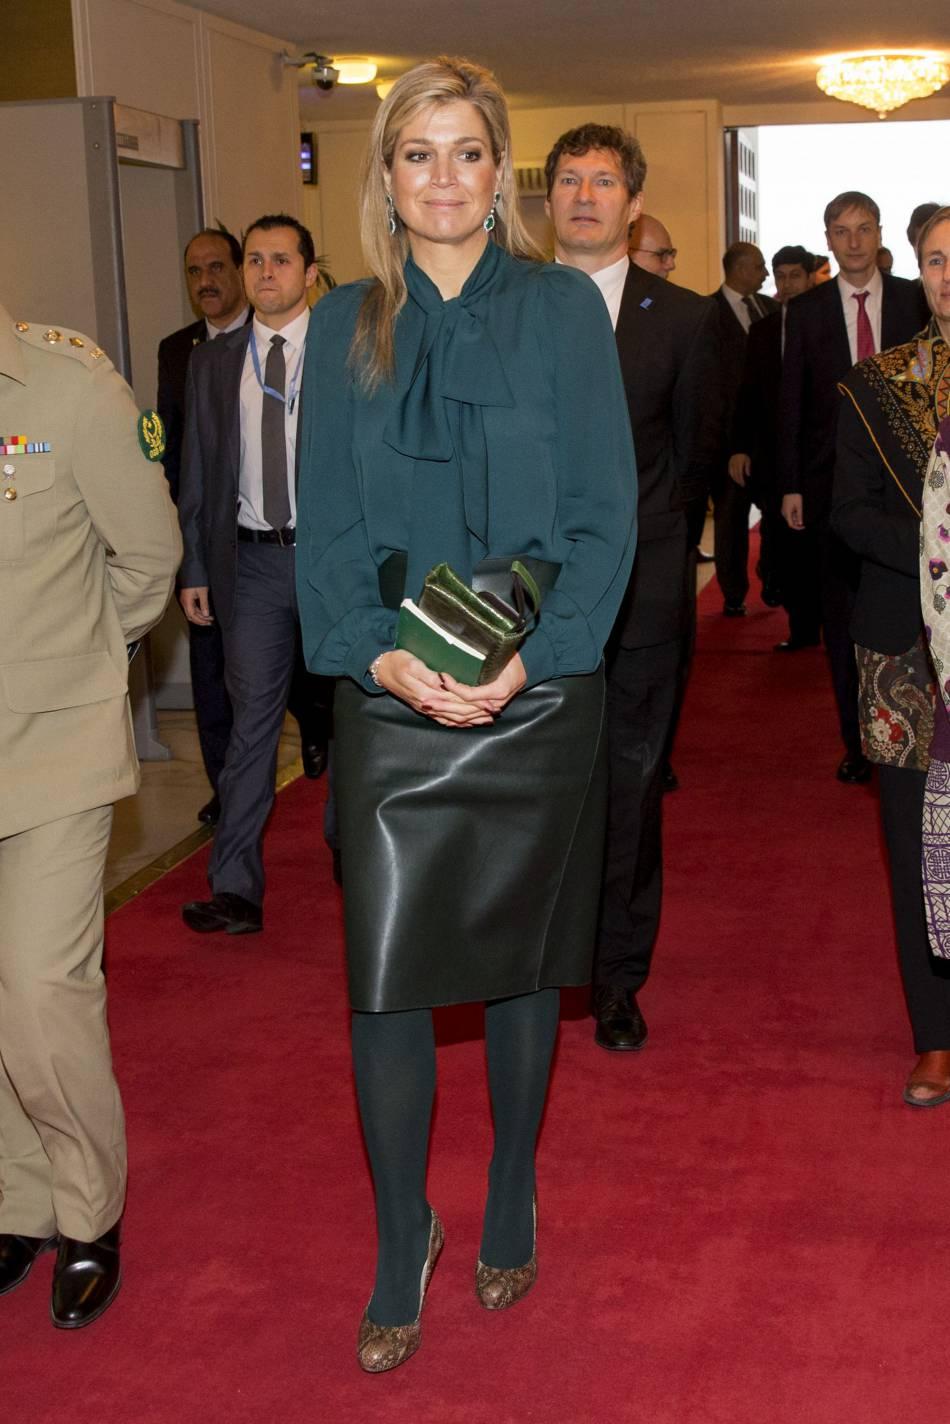 La reine Maxima a adopé des collants opaques verts. MAIS POURQUOI ?!